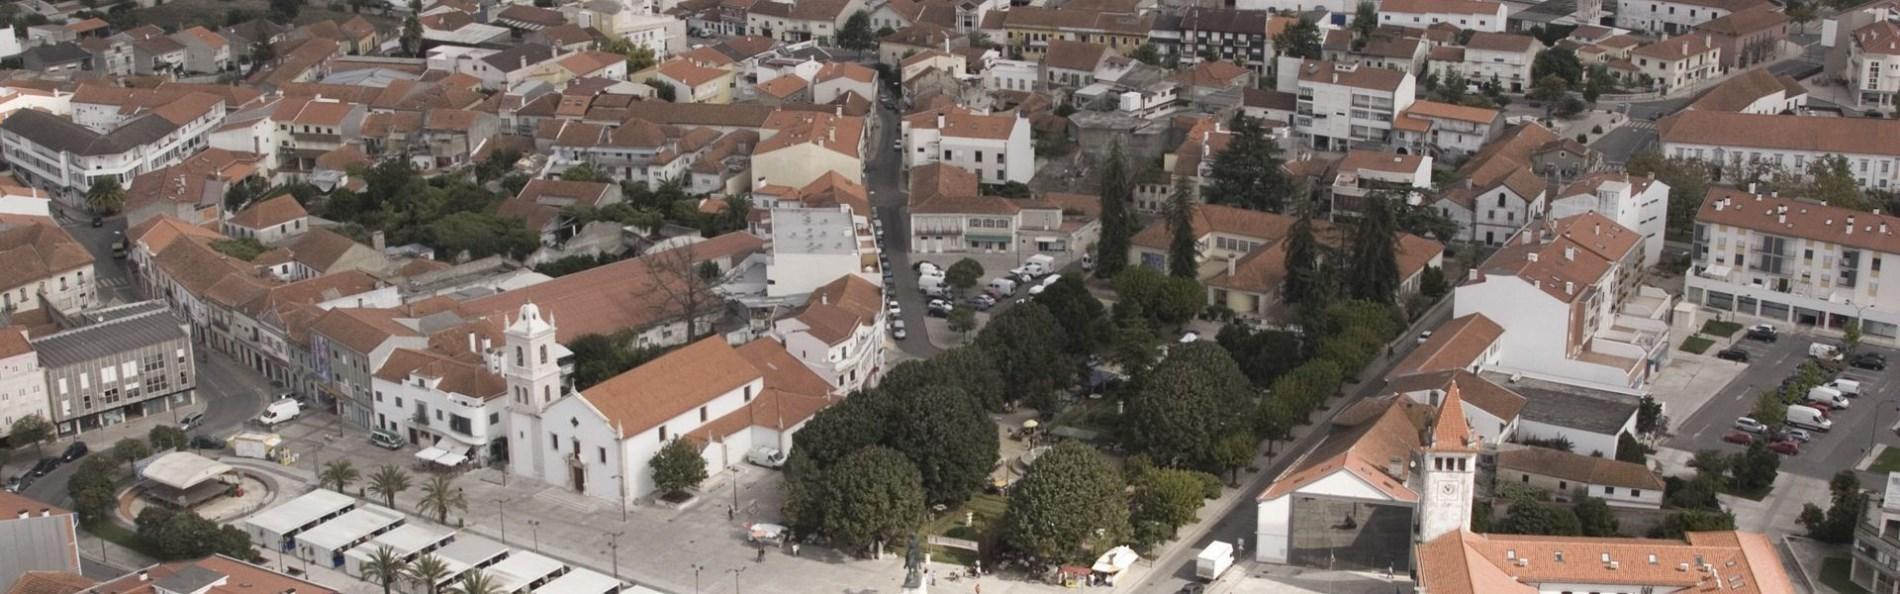 Nova Cidade Padaria Pastelaria